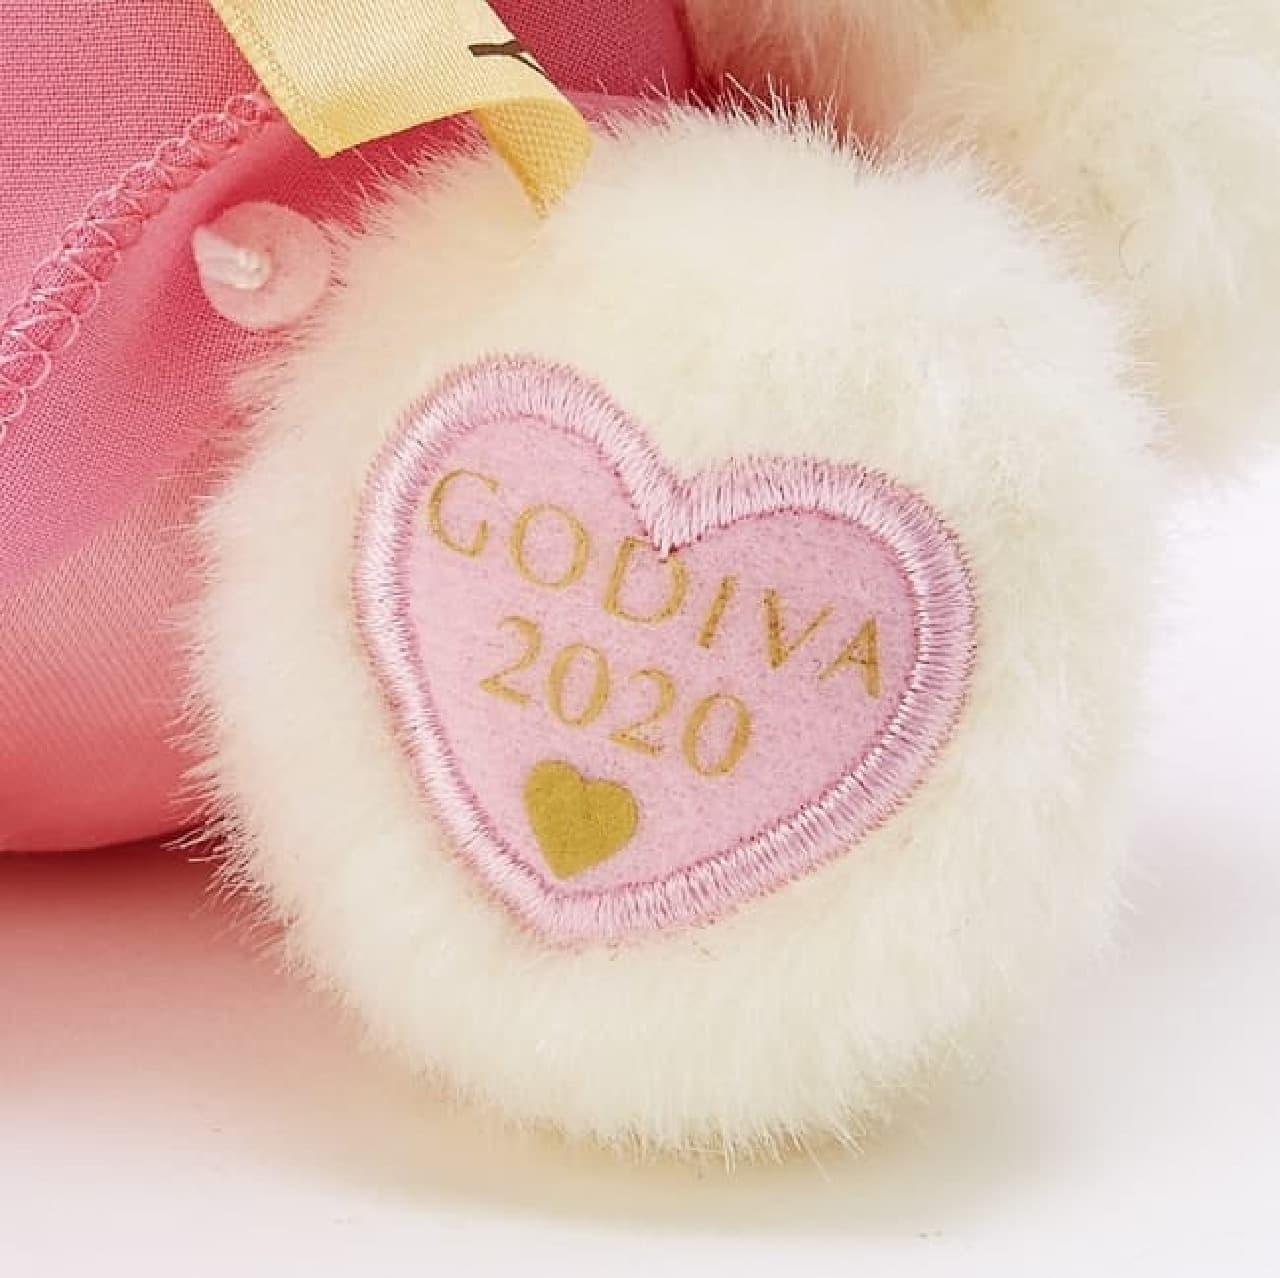 ハローキティがプリンセス風に--ゴディバのチョコ付き、可愛いギフトセット【バレンタイン】